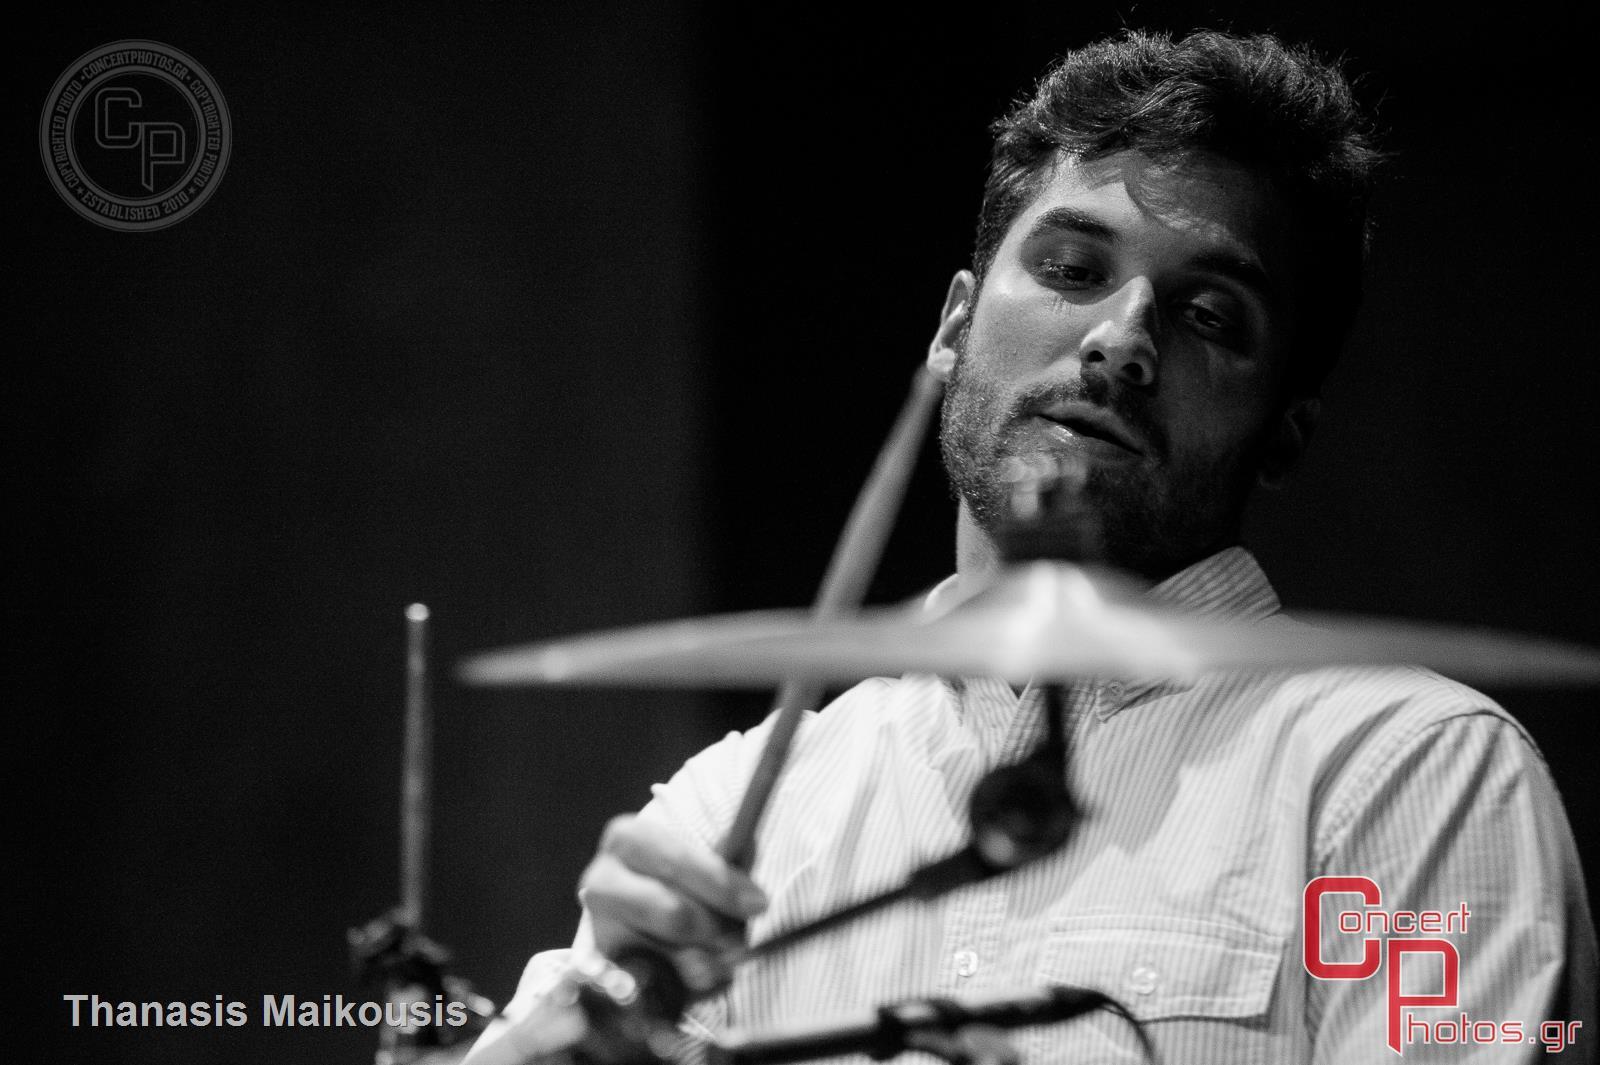 Allah Las & My Drunken Haze -Allah Las My Drunken Haze  photographer: Thanasis Maikousis - ConcertPhotos - 20141101_2305_01